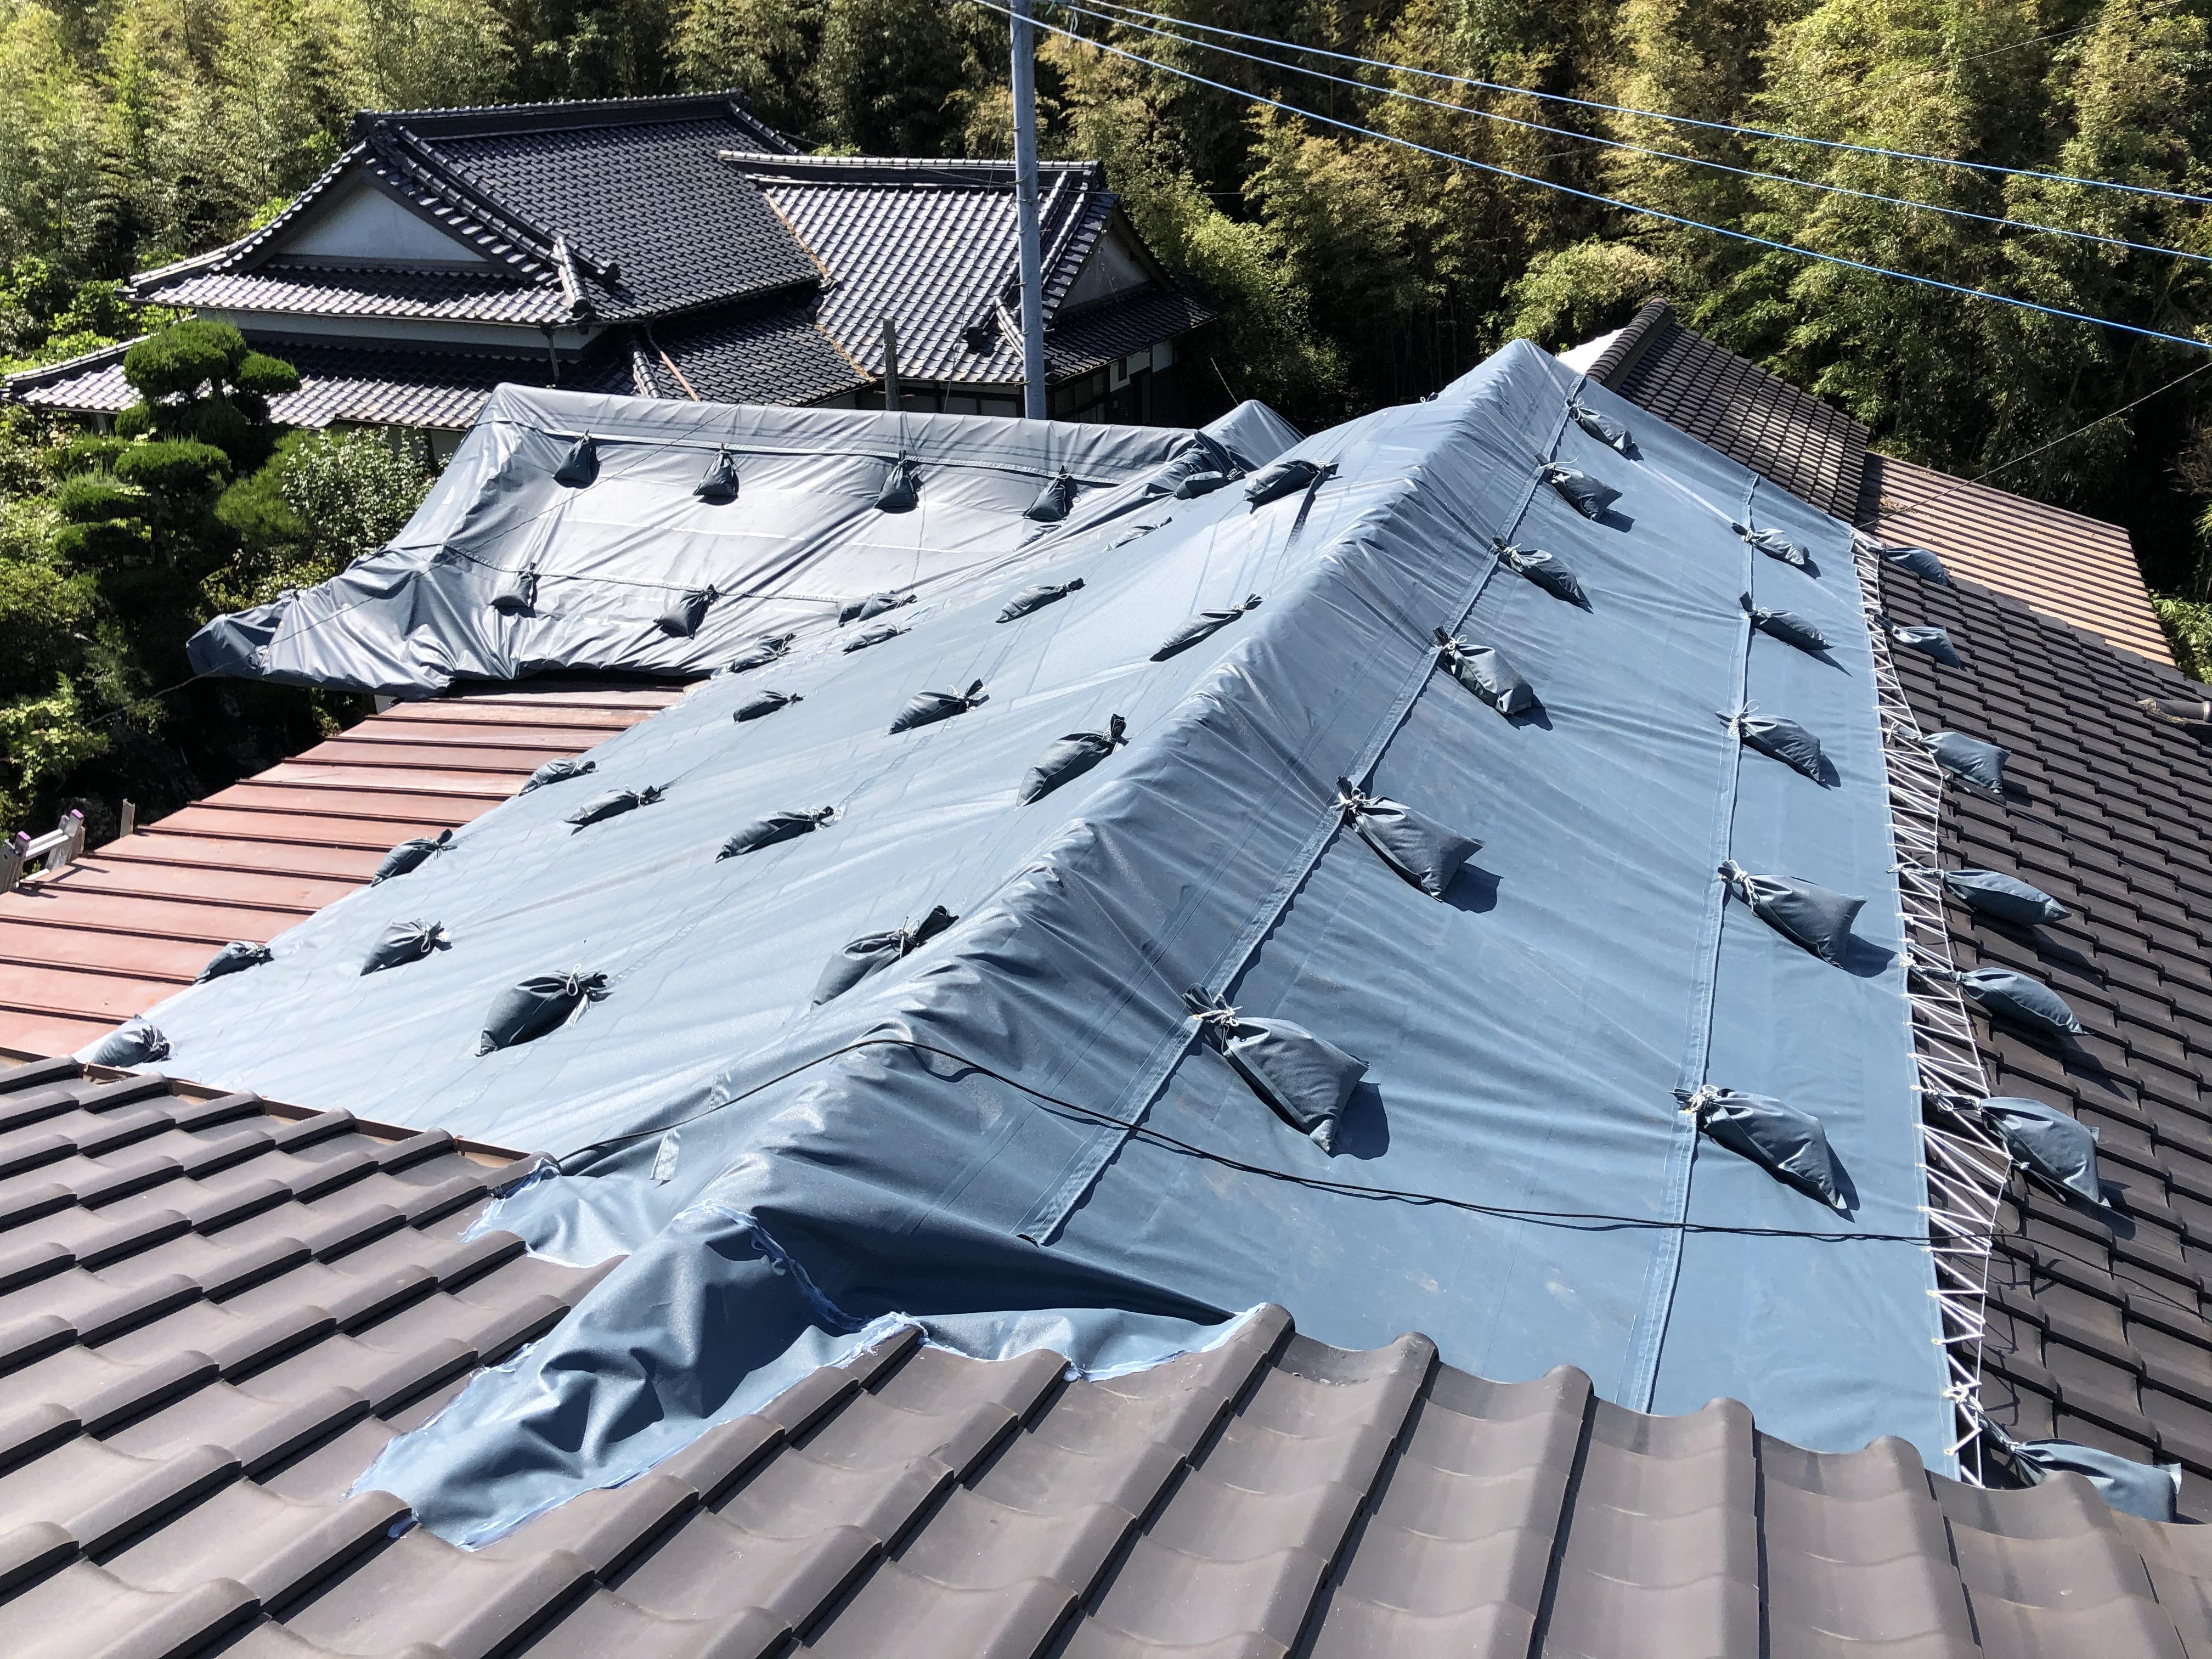 大分県宇佐市にて瓦、雨漏りテント張り施工をさせていただきました。